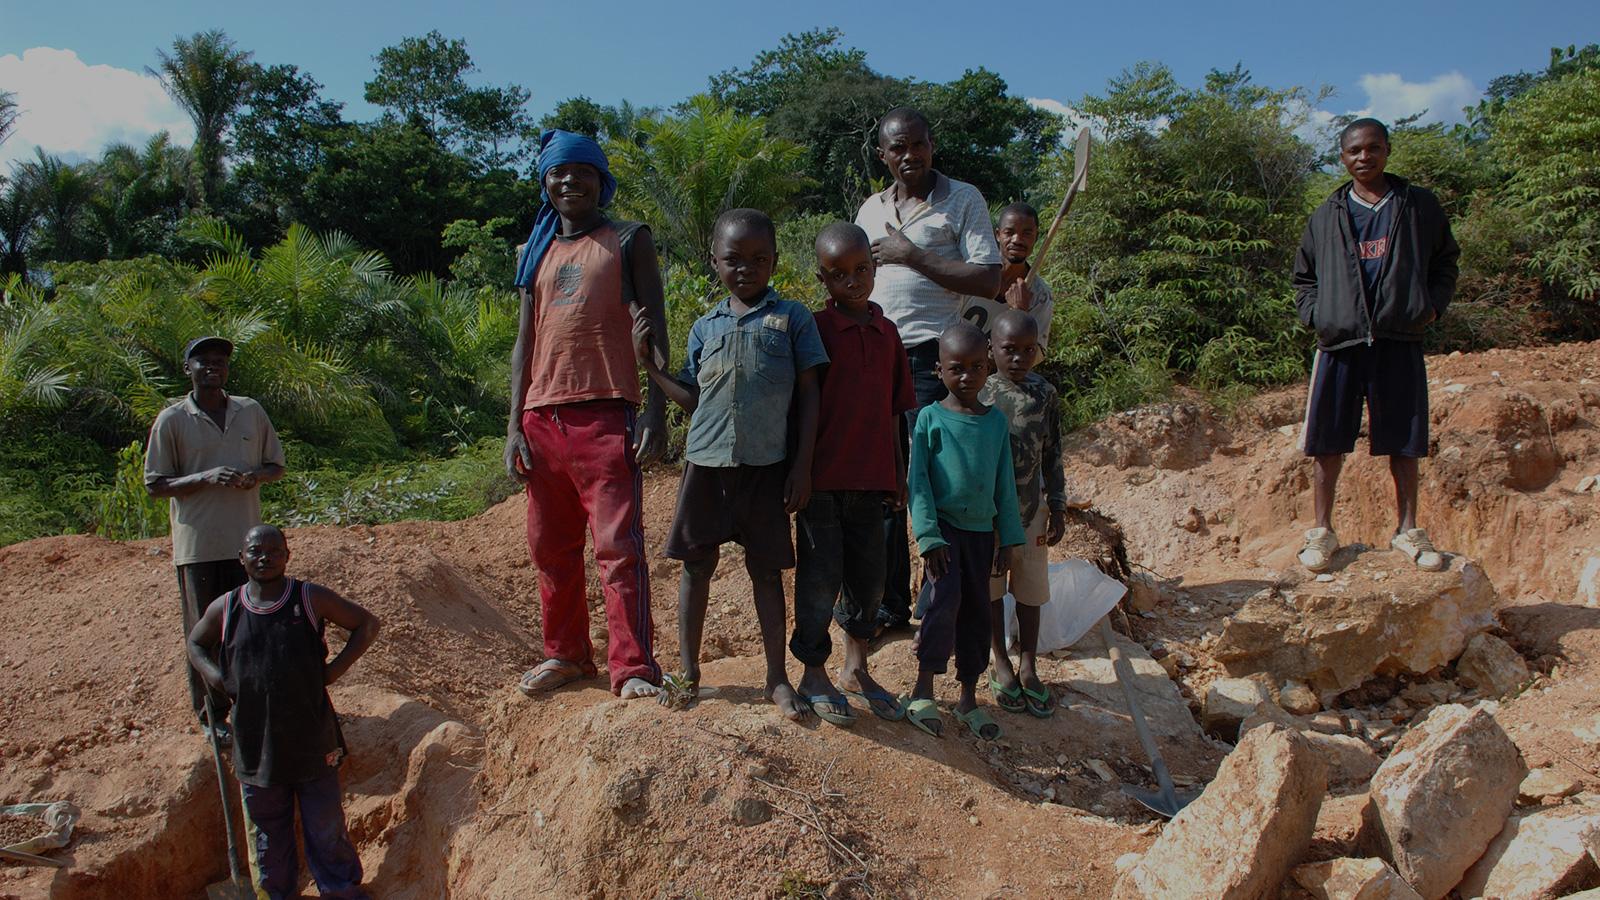 Voilà pourquoi les Congolais ne profitent pas des richesses de leur pays